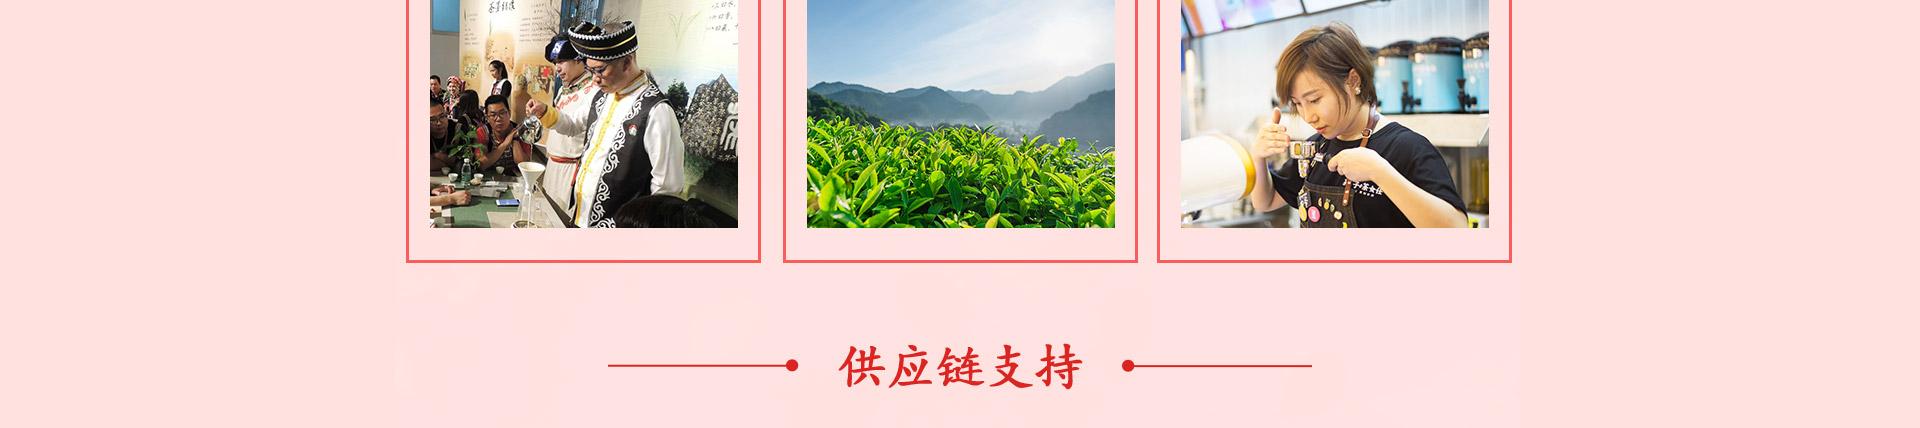 茶饮供应链支持